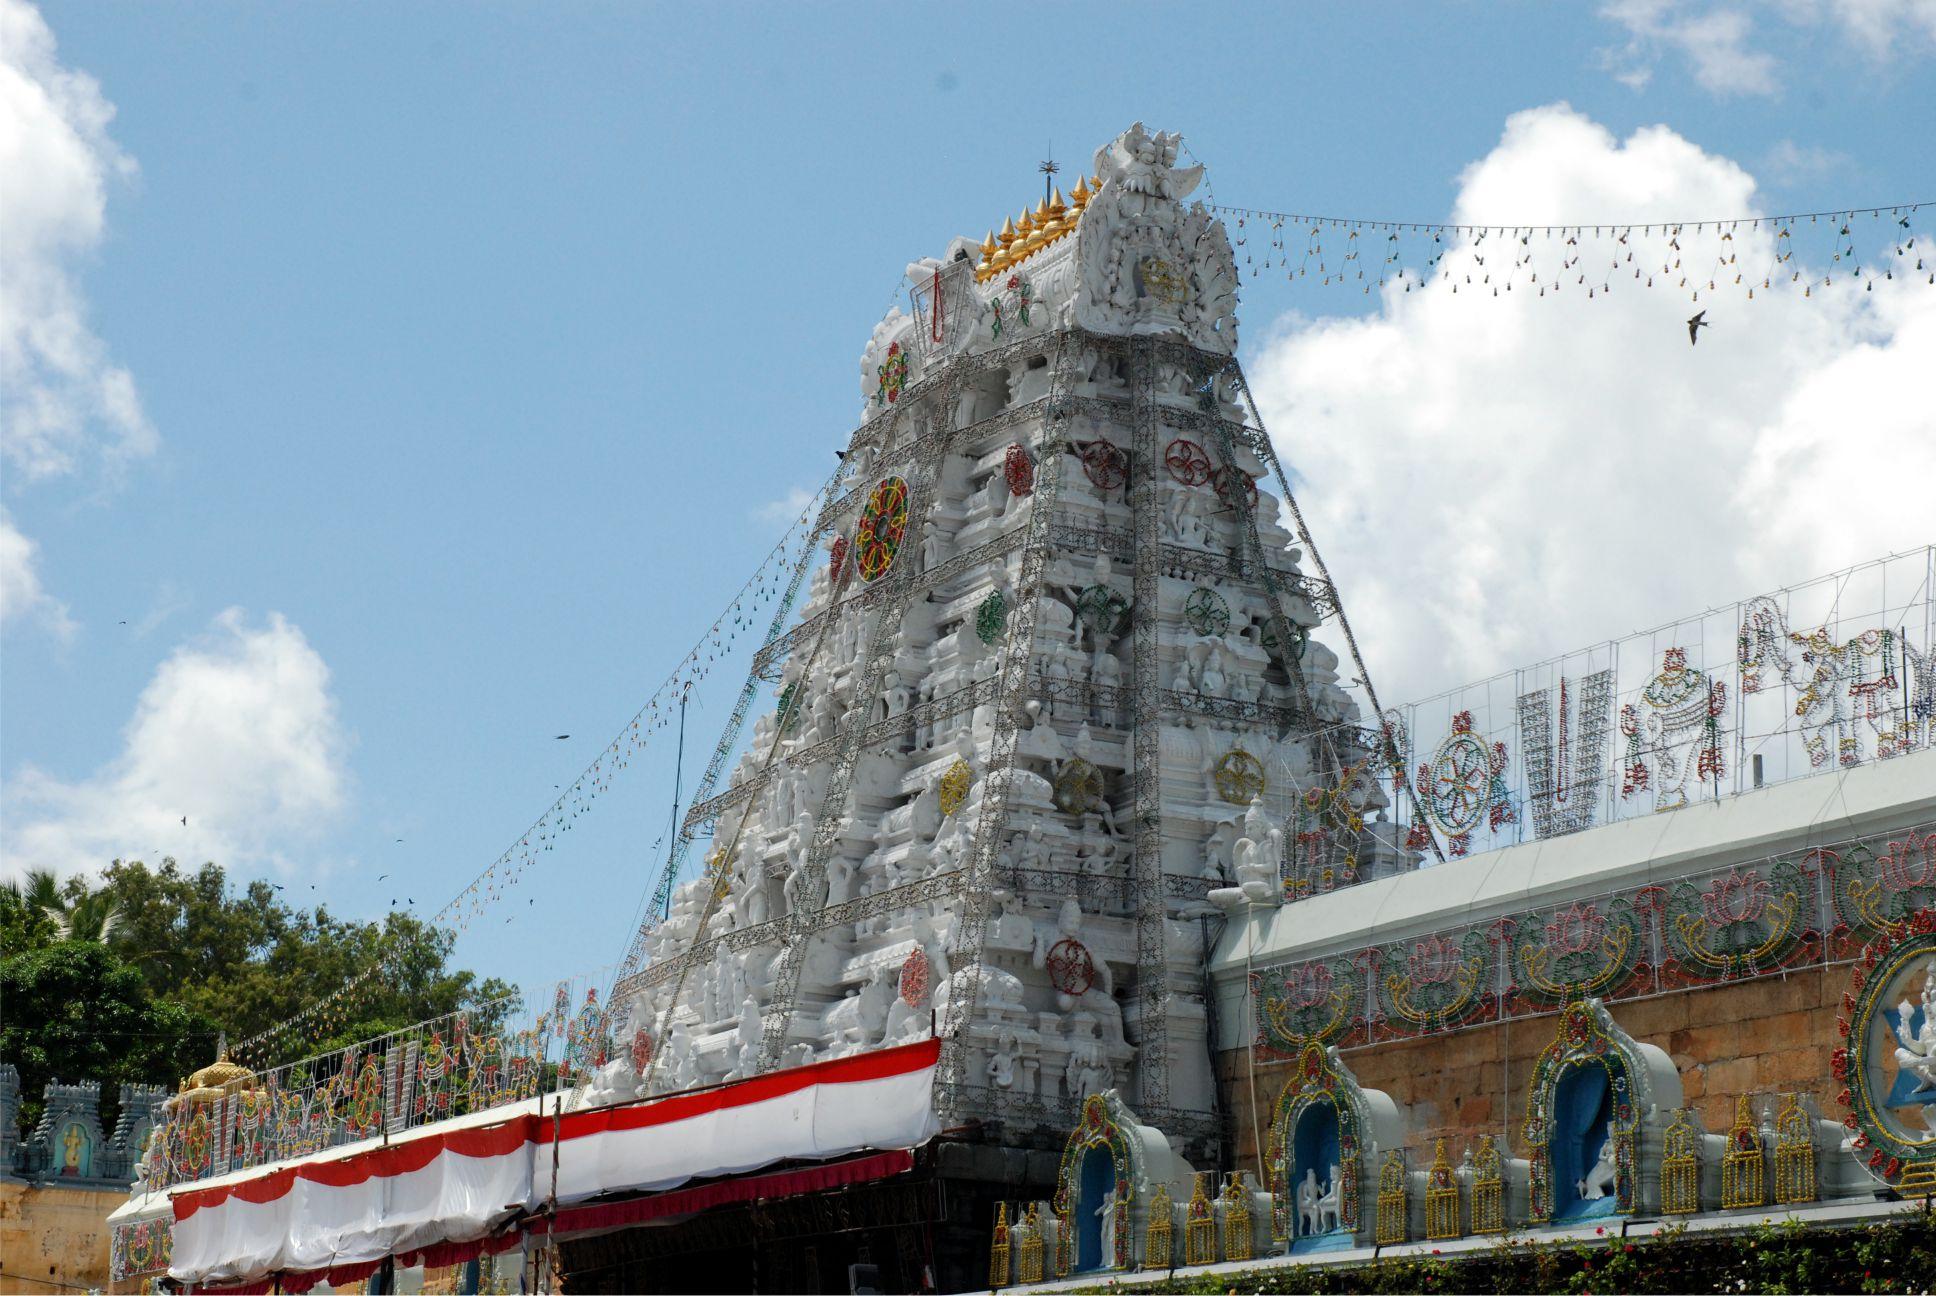 Ez a telmplom fő gopuramja, azaz főkapuja. (Mi egyébként nem itt mentünk be, hanem a zarándokok részére kijelölt kicsit labirintus szerű útvonalon.